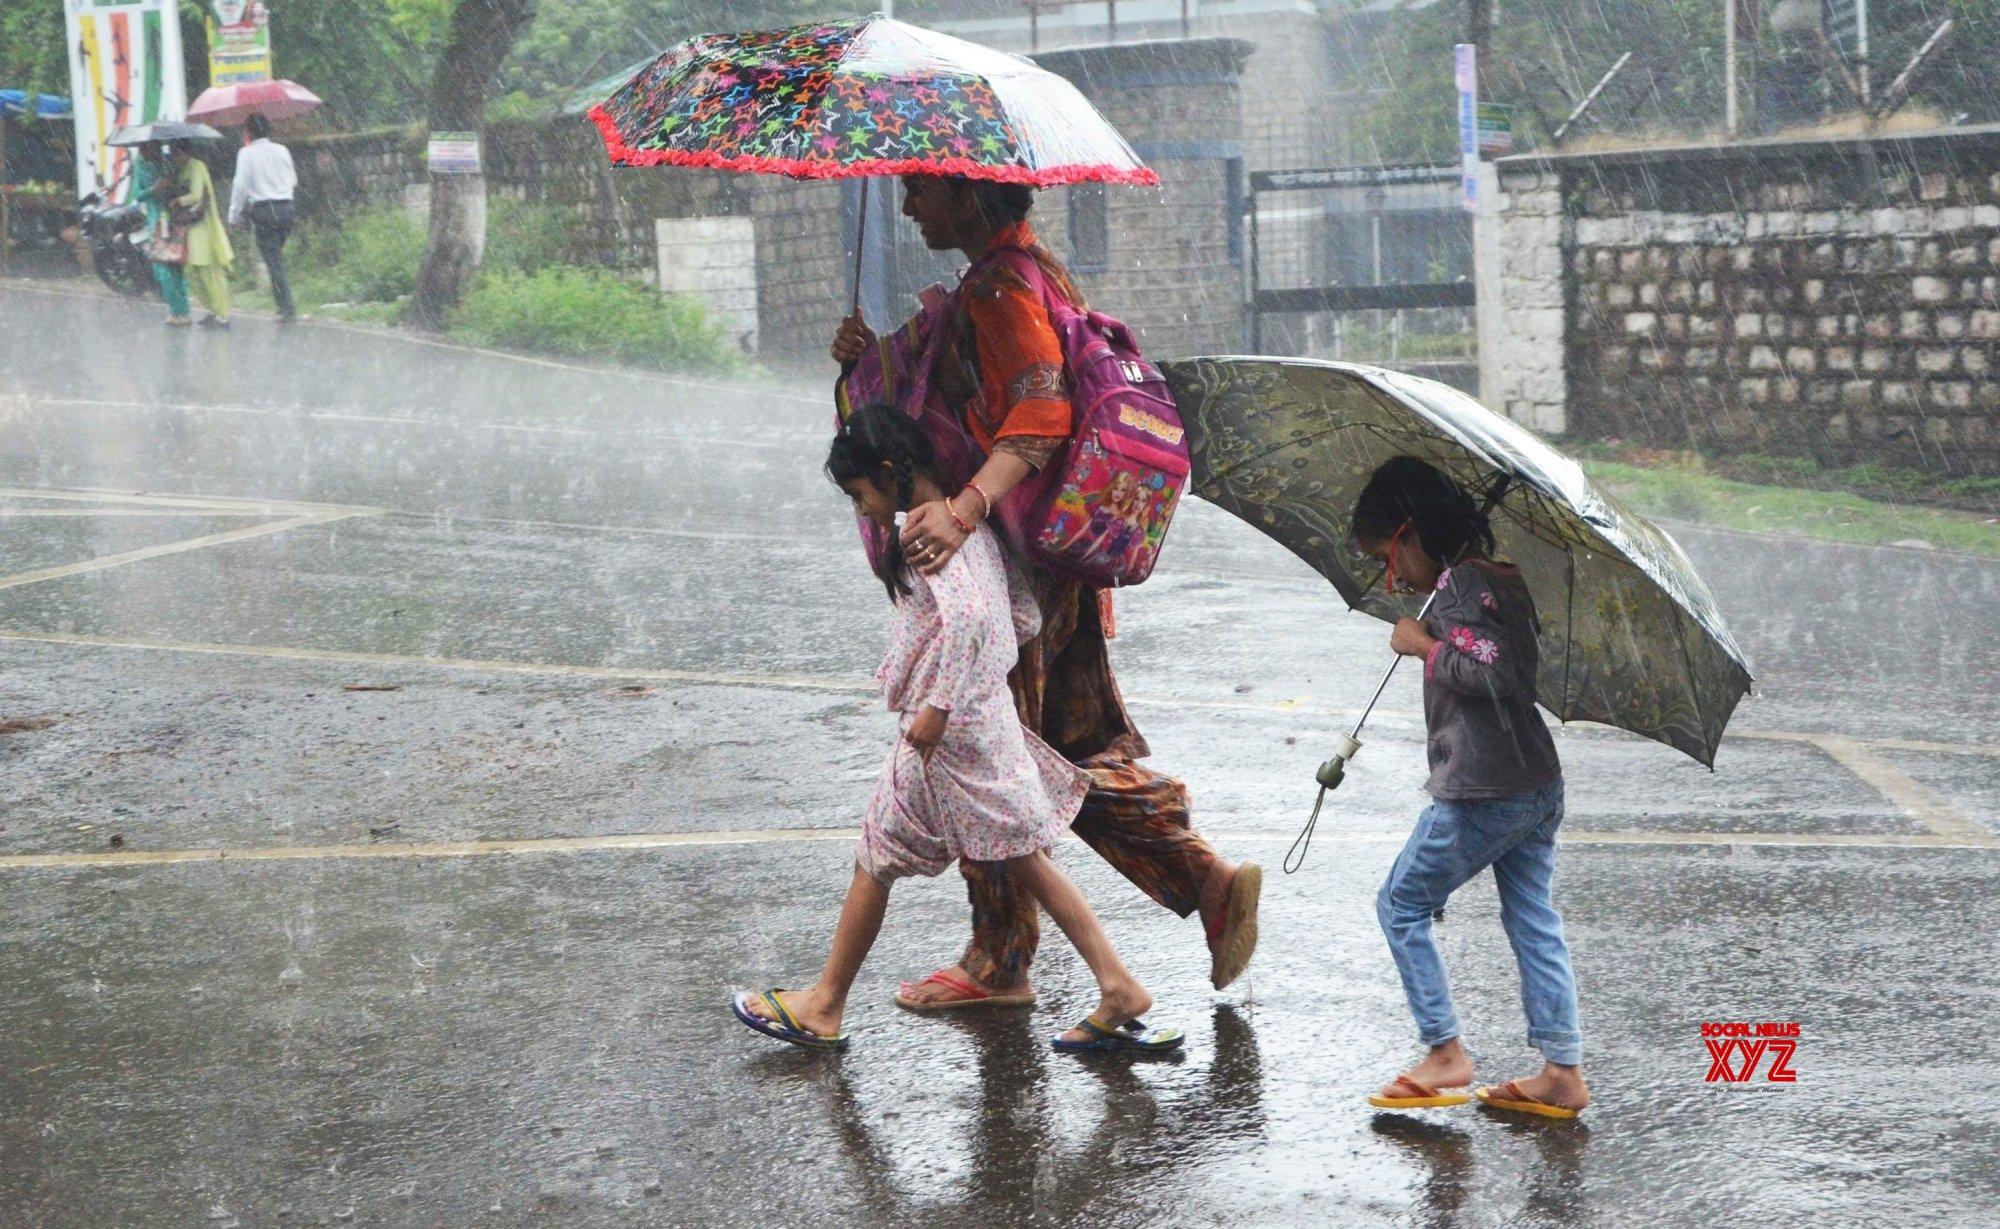 Rains aplenty in south Gujarat, few drops in water-starved Kutch